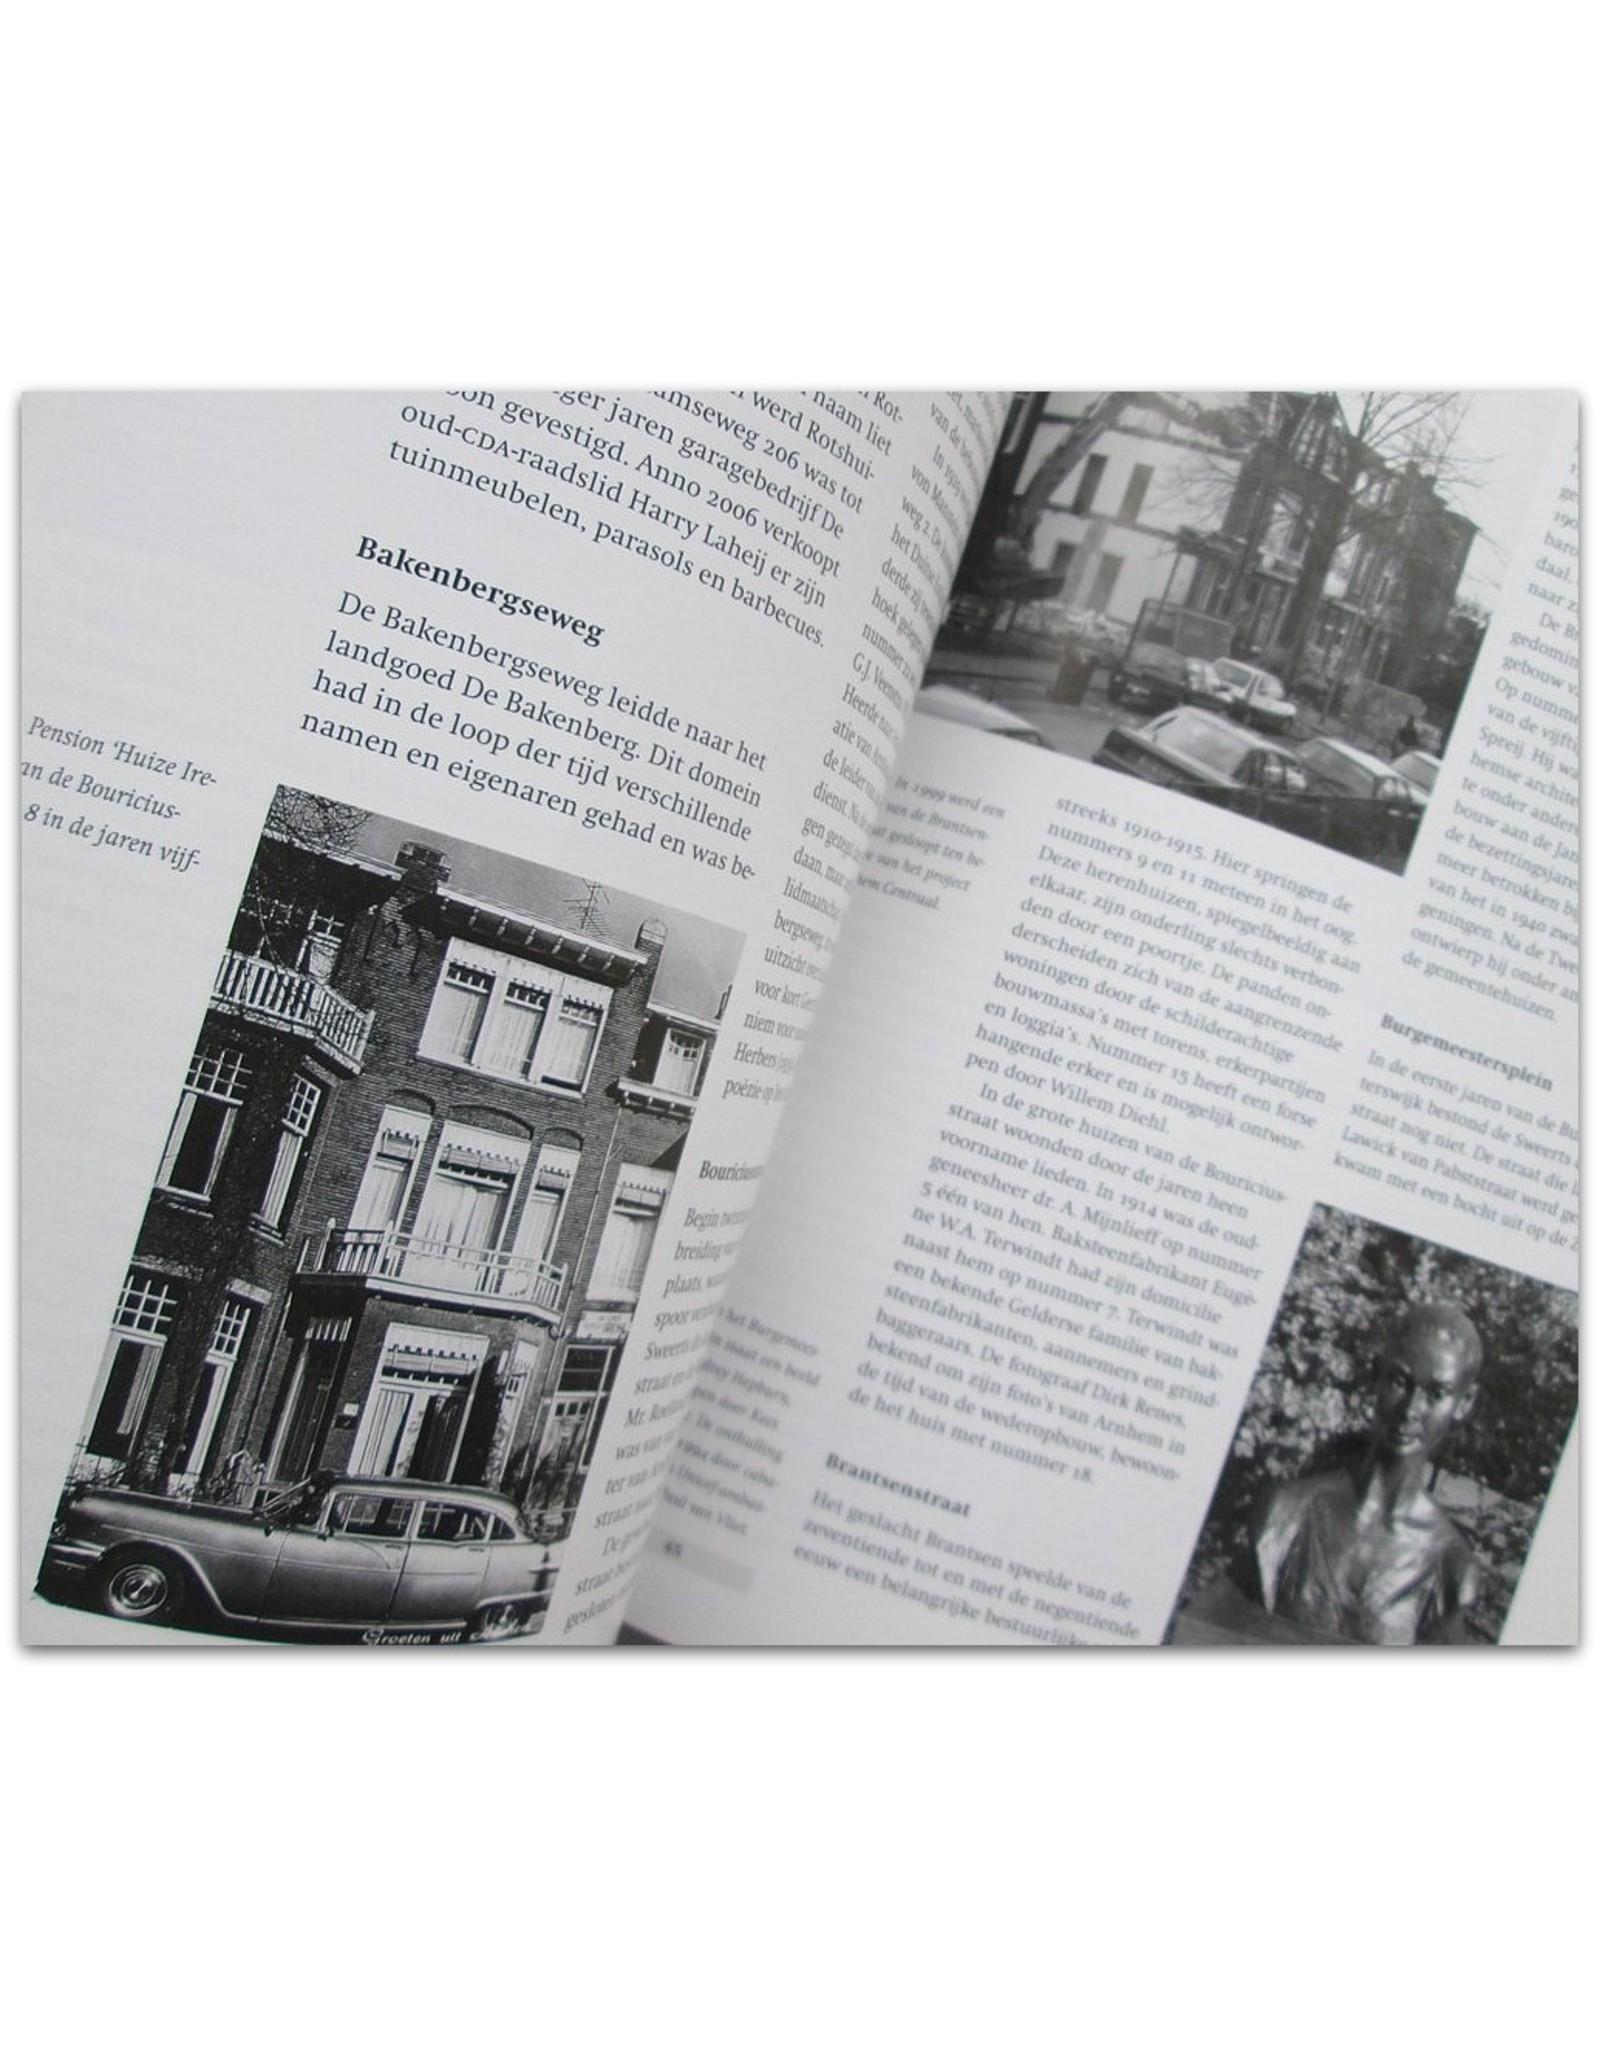 C.F.A. Crone & J. Vredenberg - De Burgemeesterswijk. Wonen op stand bij Park Sonsbeek in Arnhem